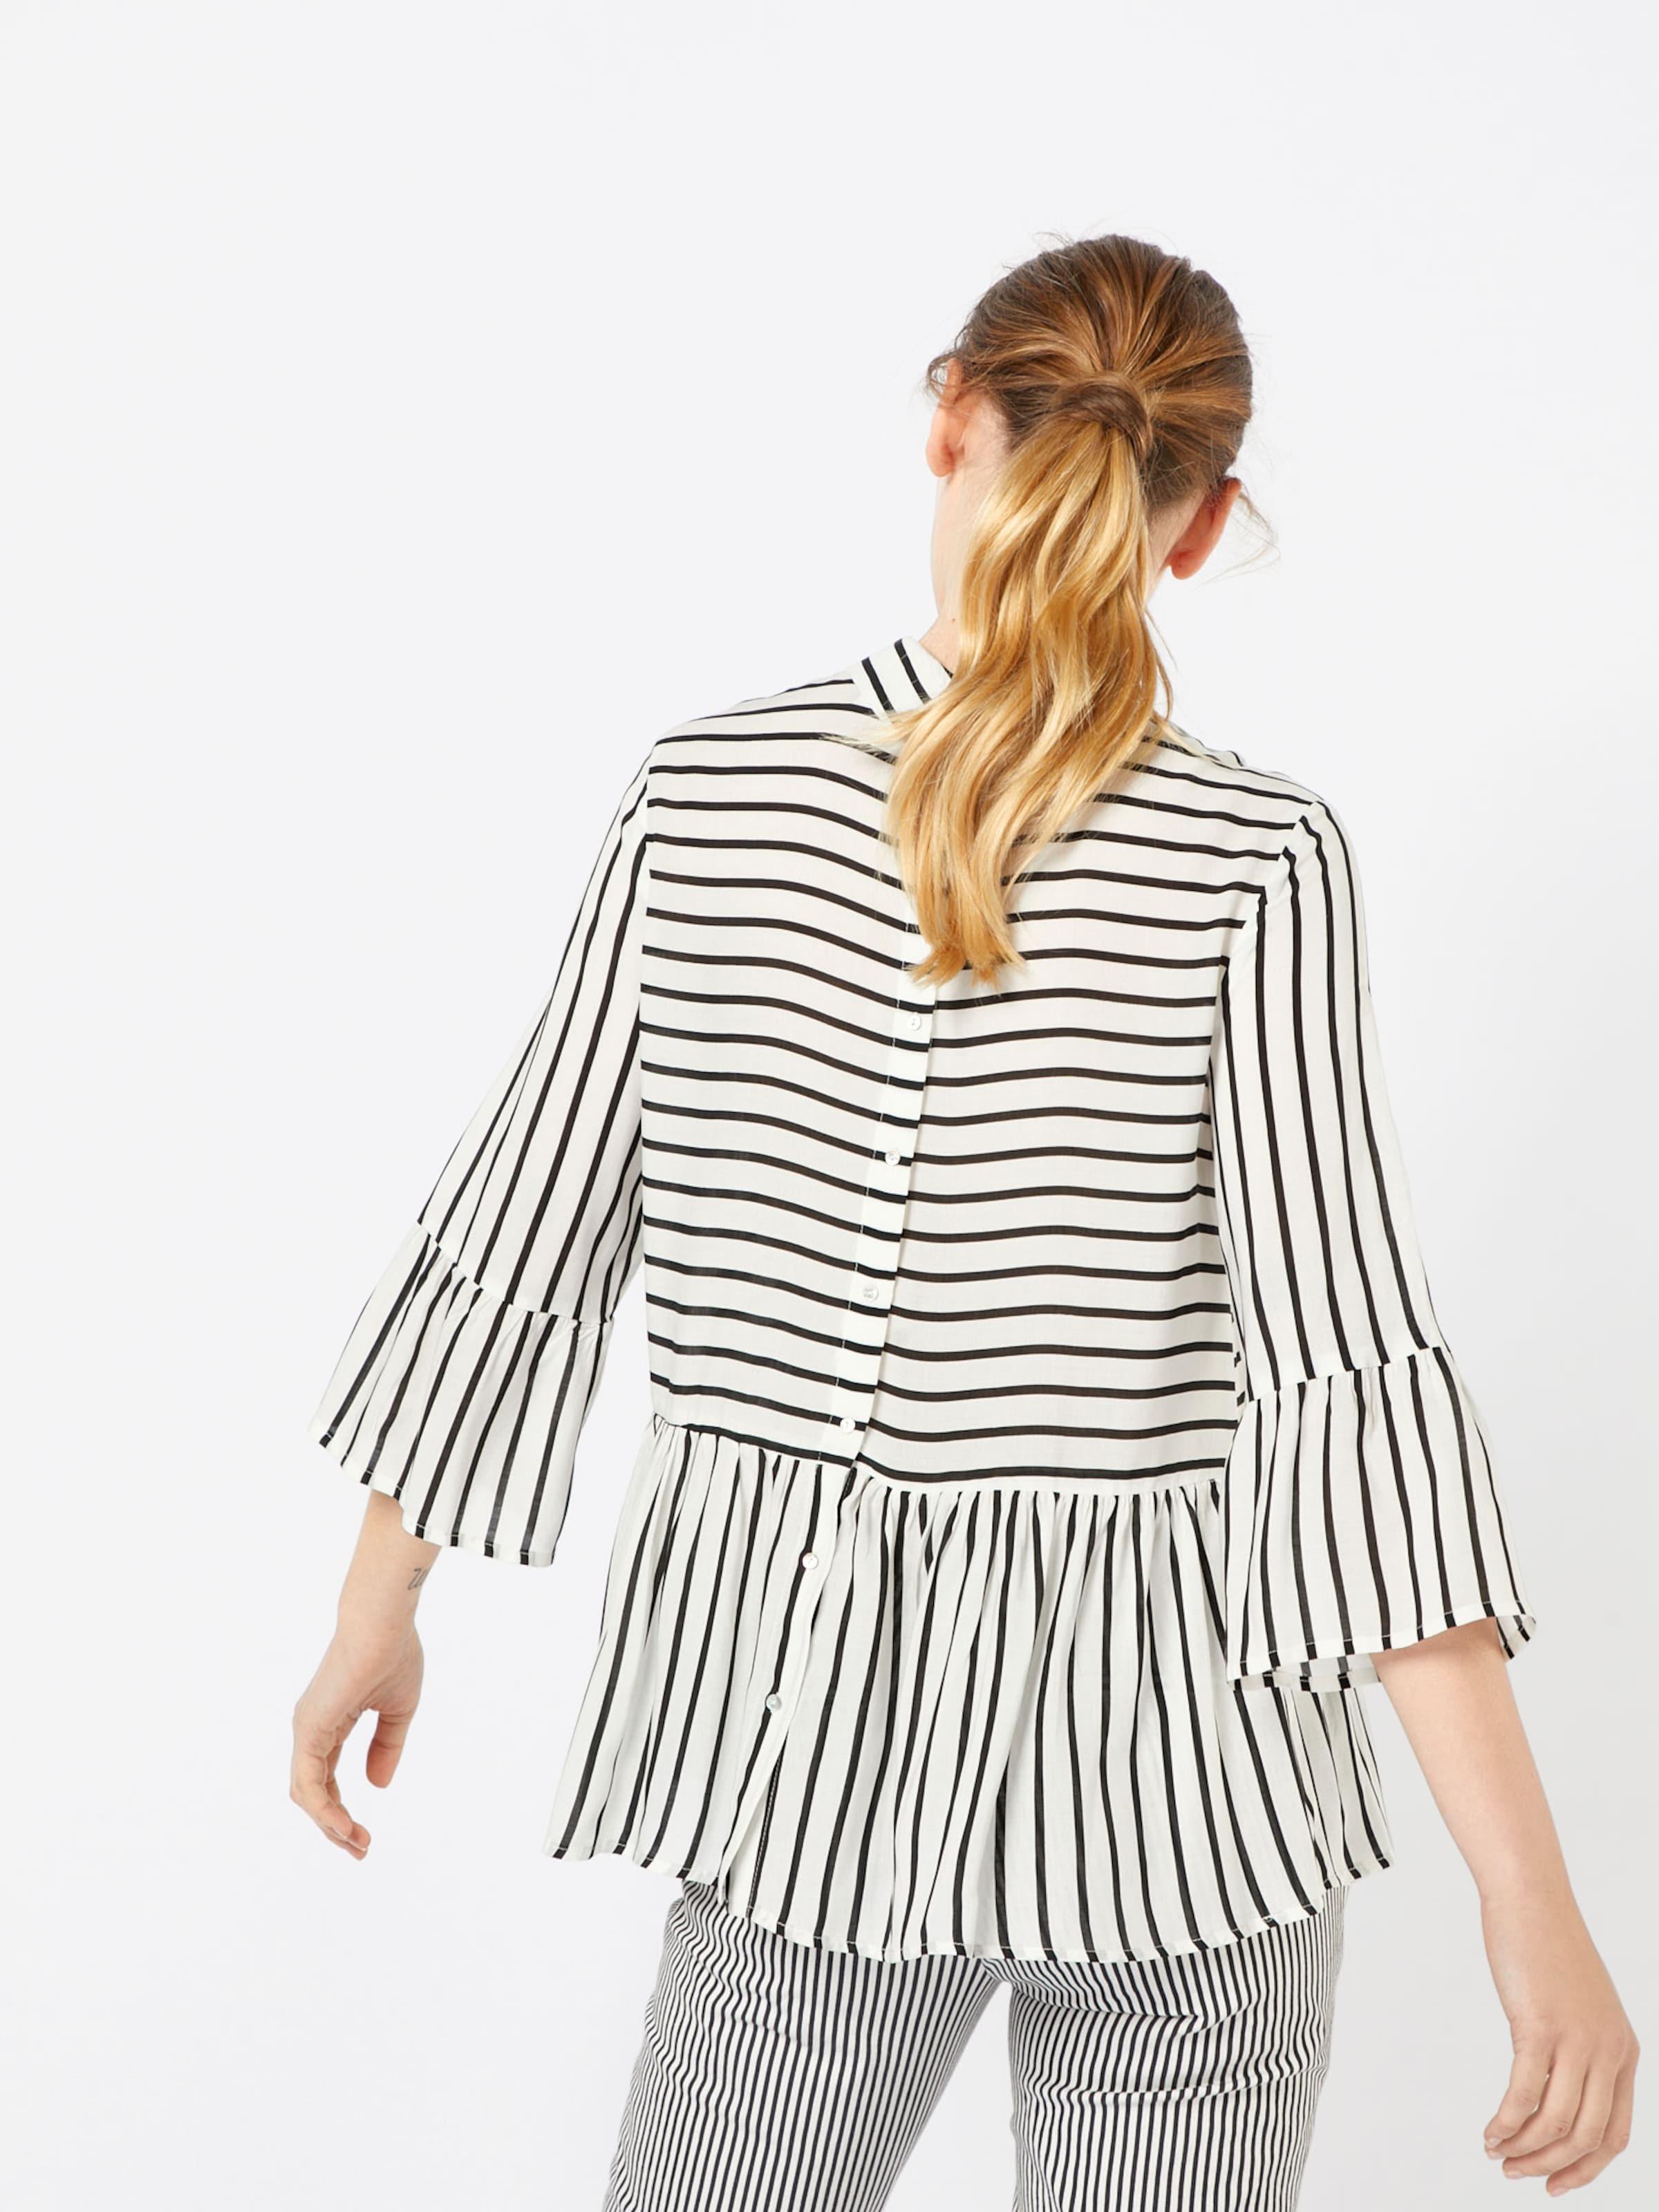 ESPRIT Bluse 'stripe' Spielraum Online-Shopping-Outlet Verkauf ACxqhPHkr5